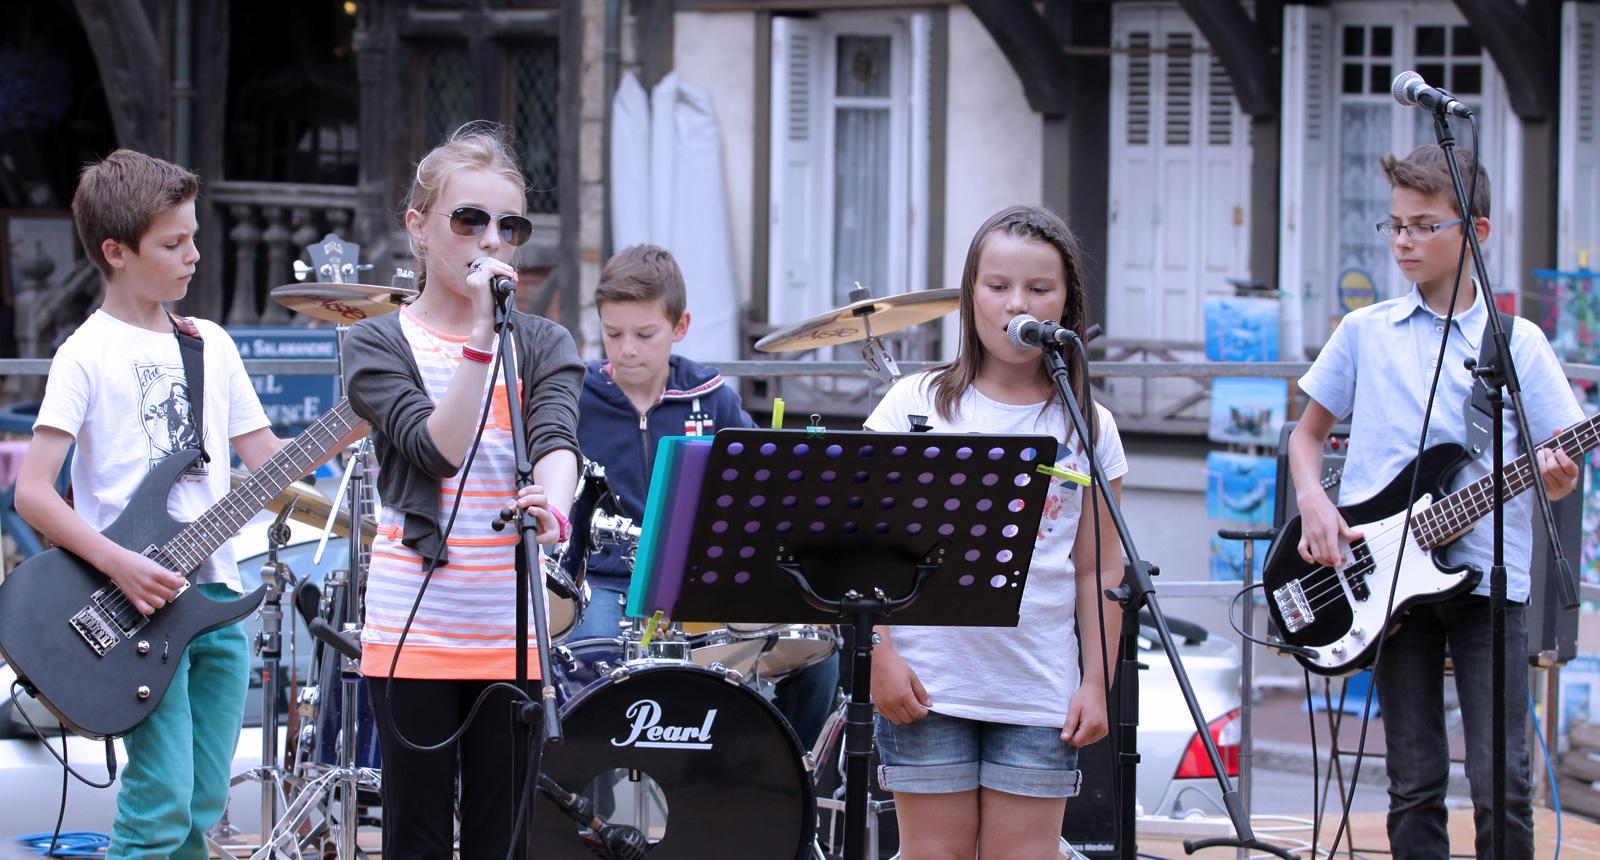 Concert à Etretat fête de la musique 2015